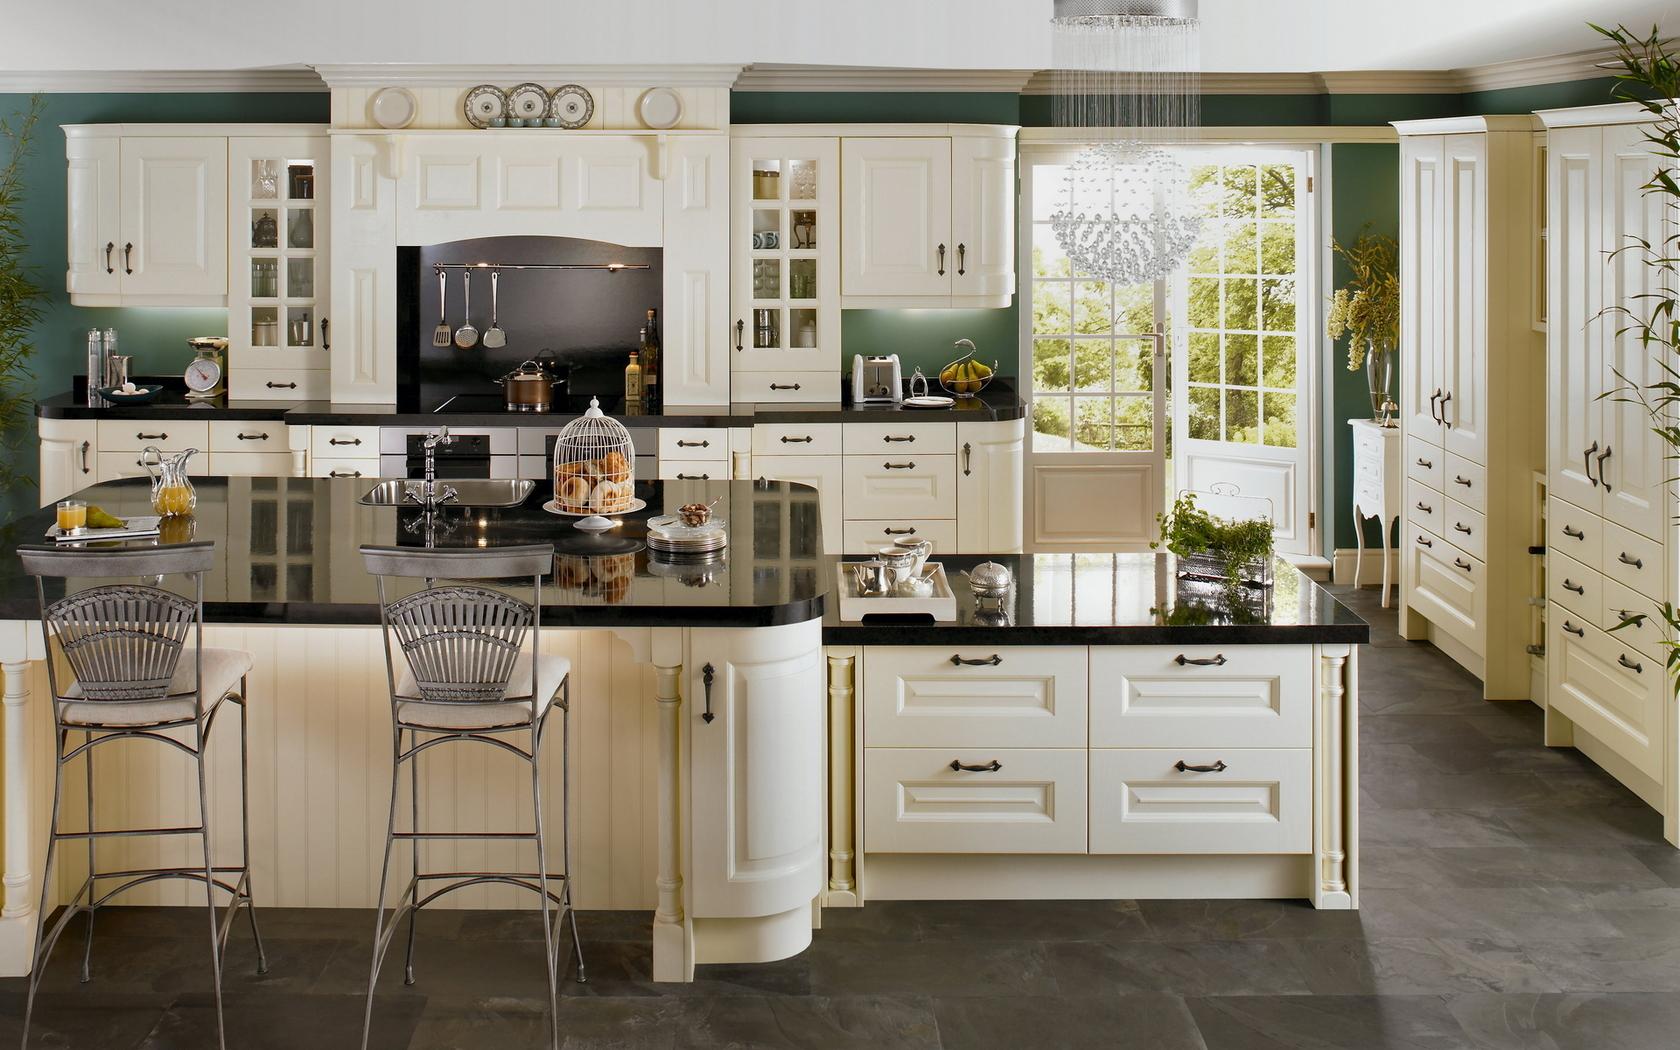 Küchengestaltung wand  Raumgestaltung – Seite 2